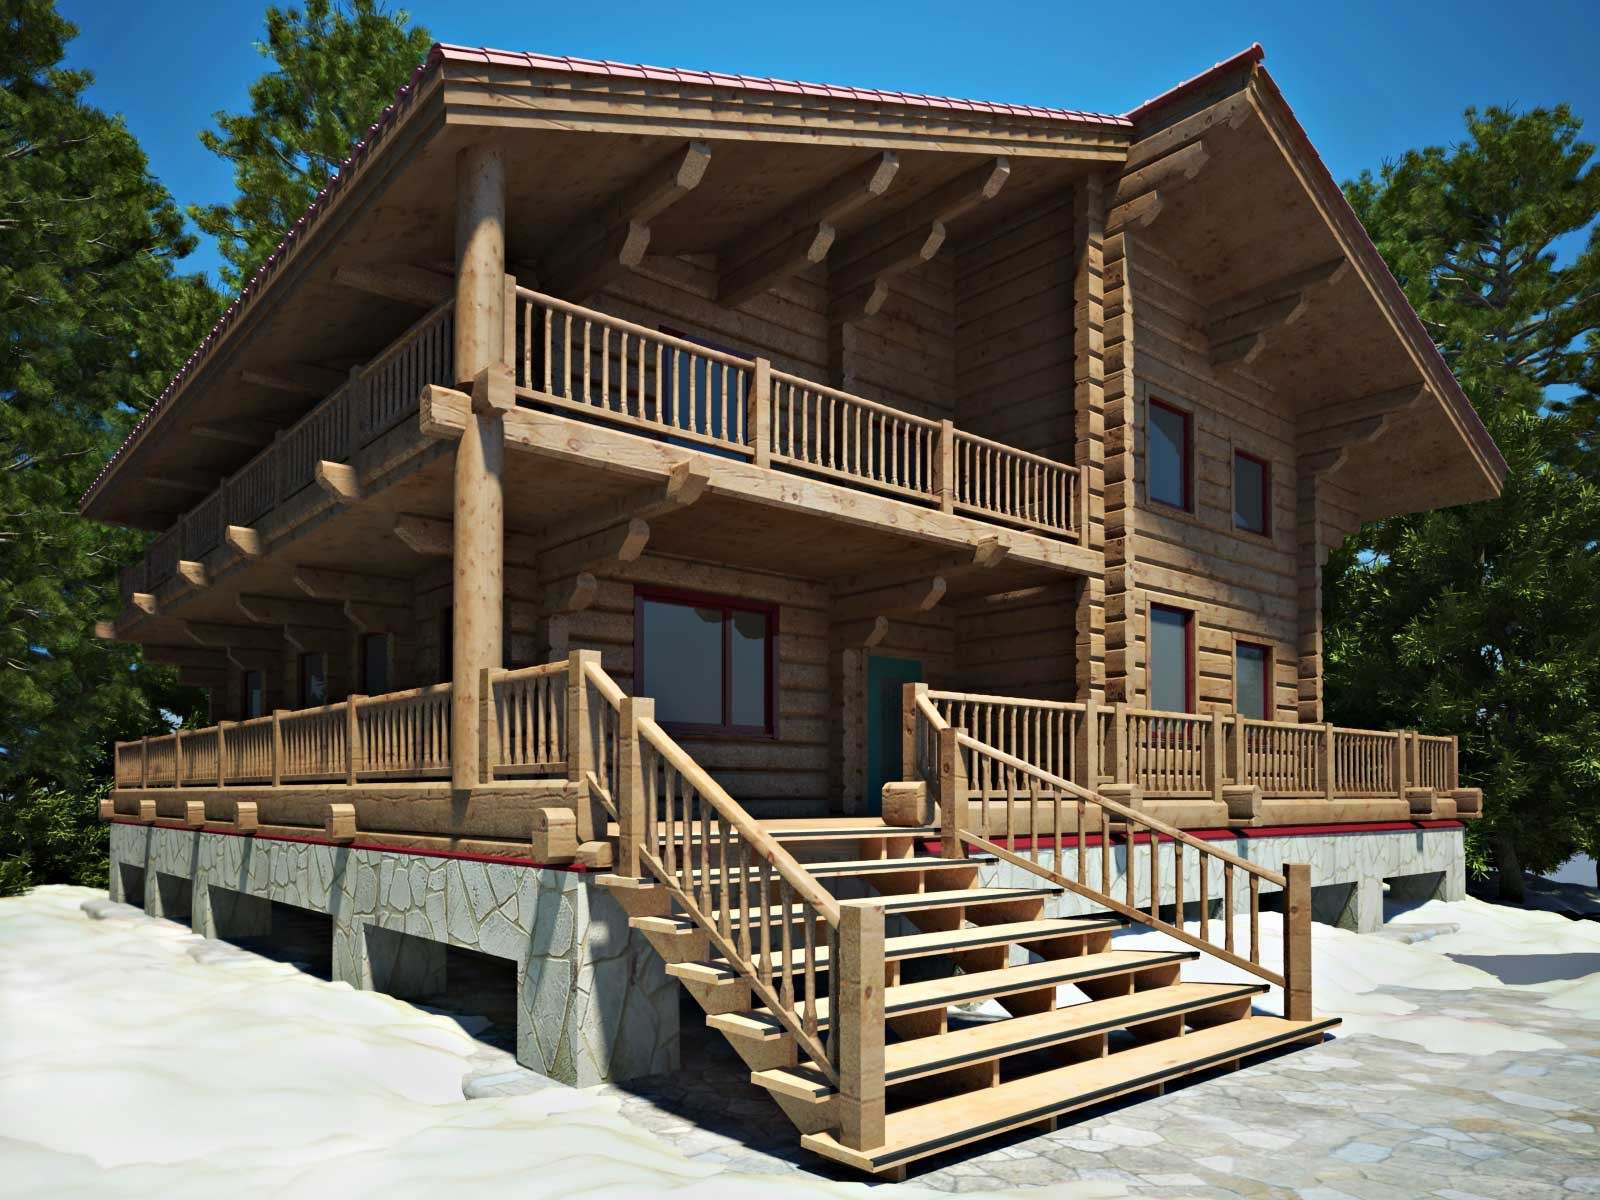 کلبه انواع ساختمان از نظر سازه و باربری